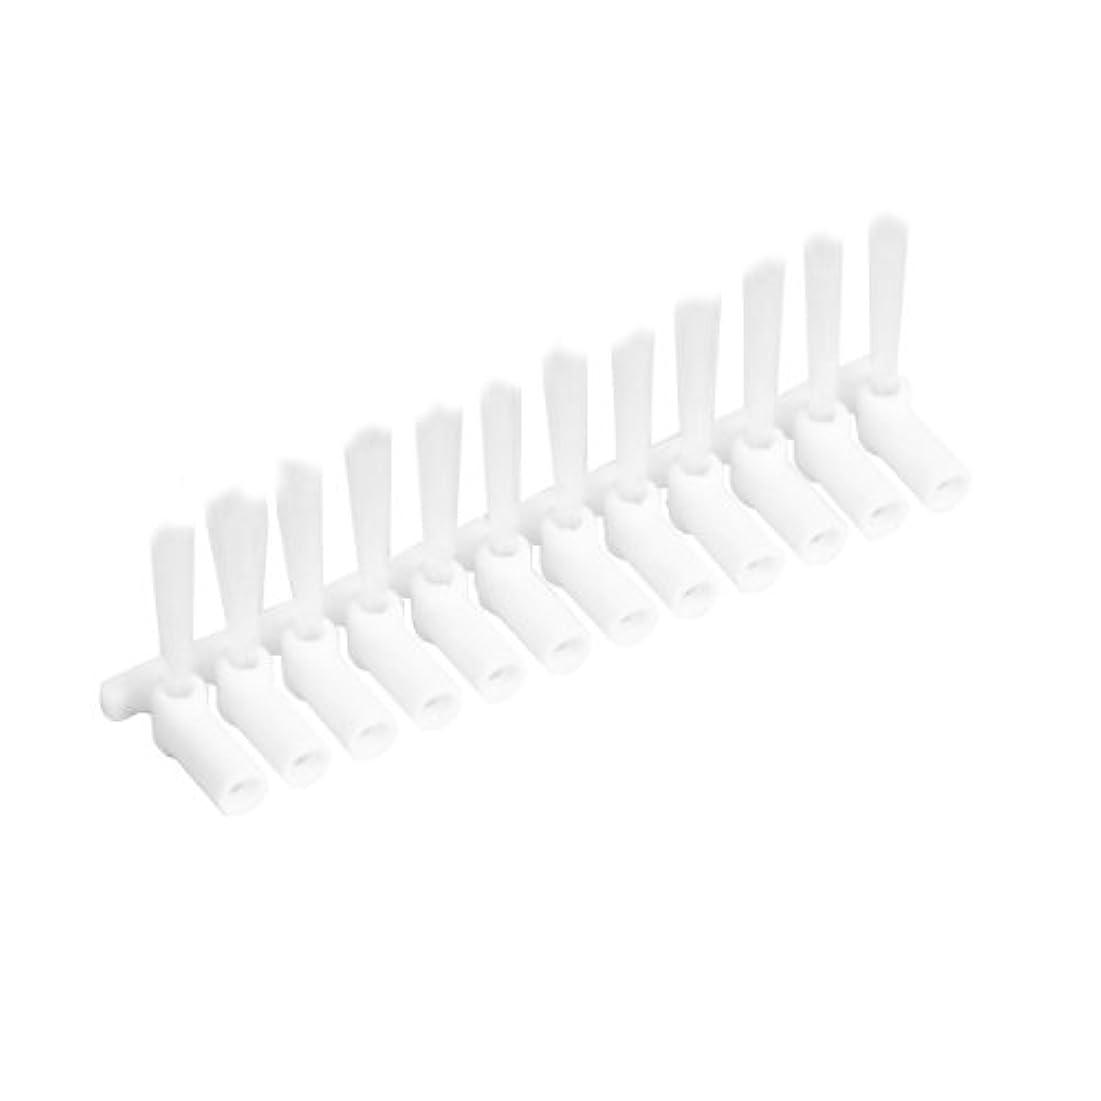 ペストリー乱れクリエイティブ山善 電動歯間ブラシ デンタルペッカー専用替ブラシ 12本(専用保管ケース付) DPK-10